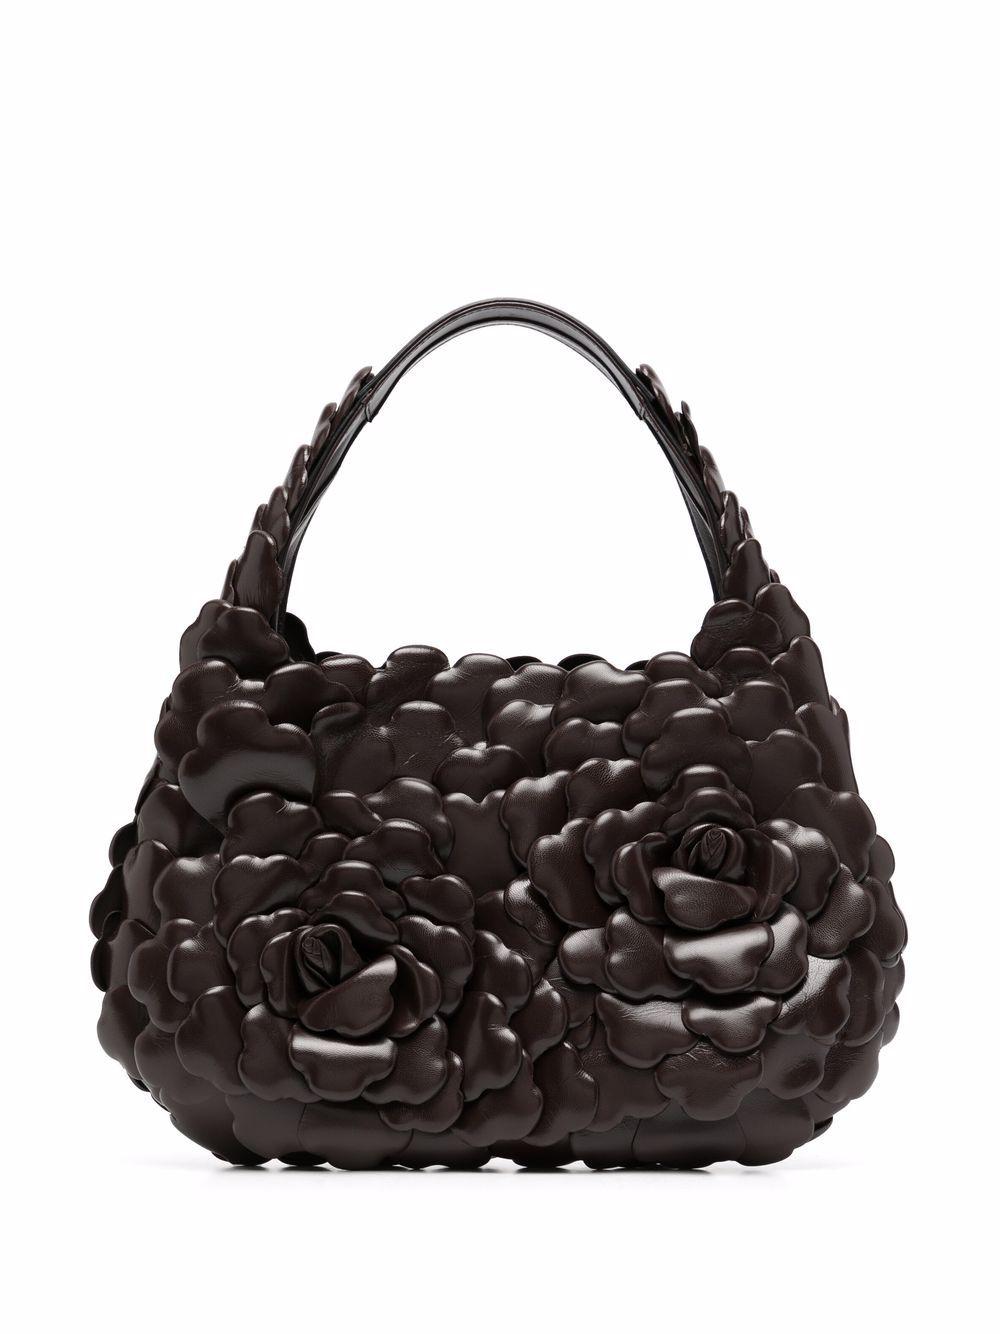 Valentino Garavani Handtasche mit Applikationen - Braun